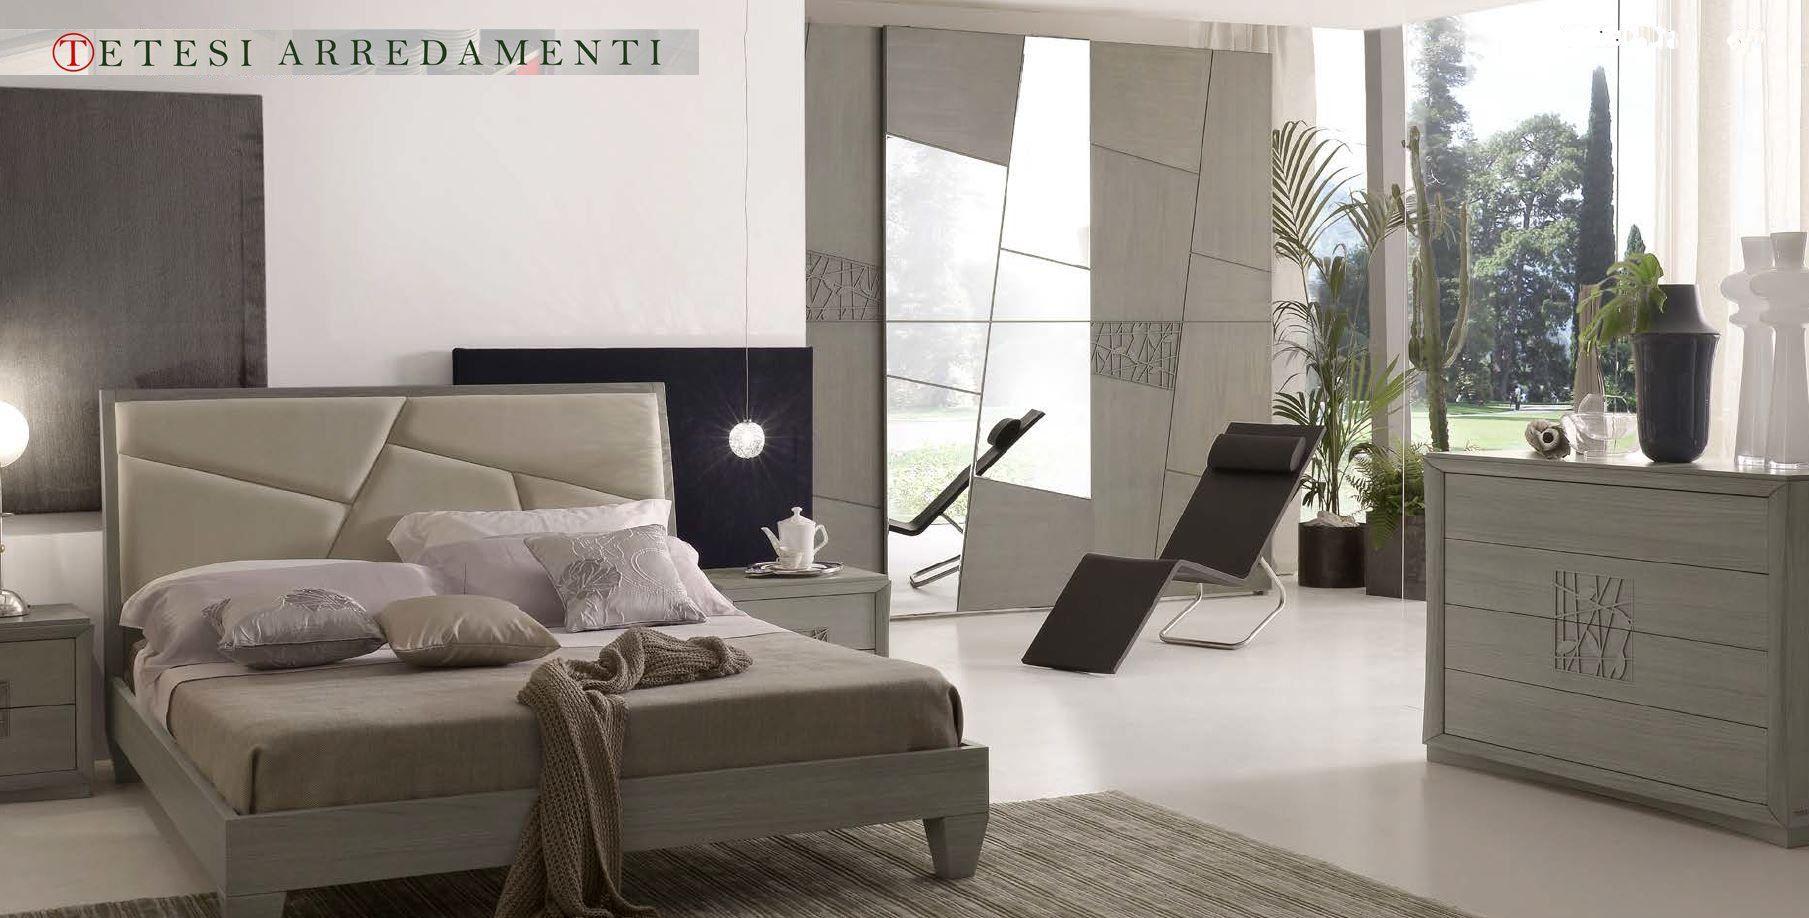 Camera da letto moderna | Camere da letto in stile MODERNO ...